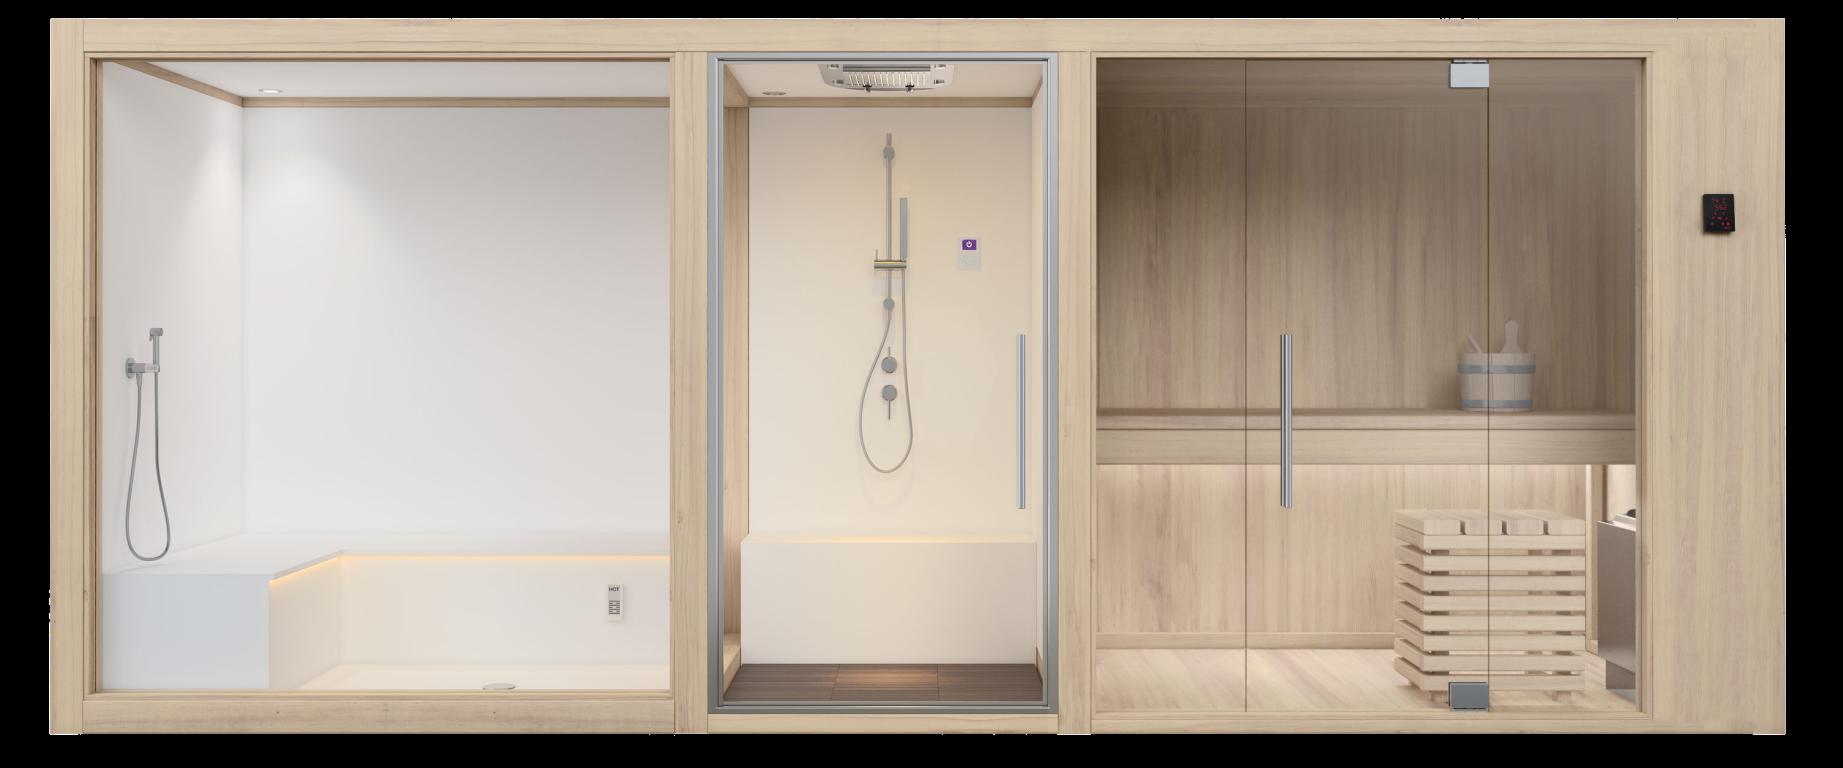 Monoblocco con sauna, doccia e bagno turco